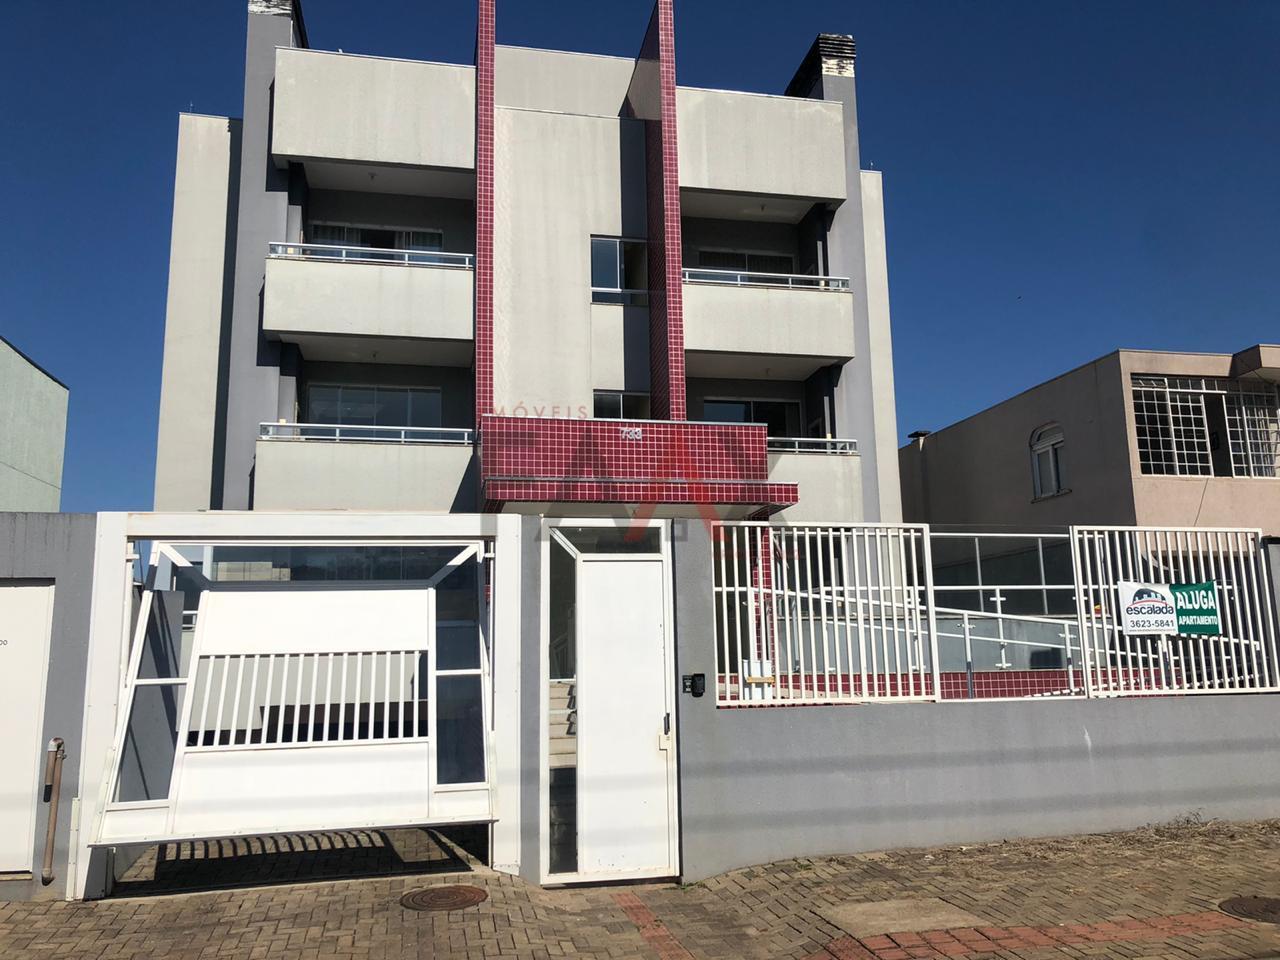 Apartamento com 2 dormitórios à venda,134.64m², TRIANON, GUARAPUAVA - PR